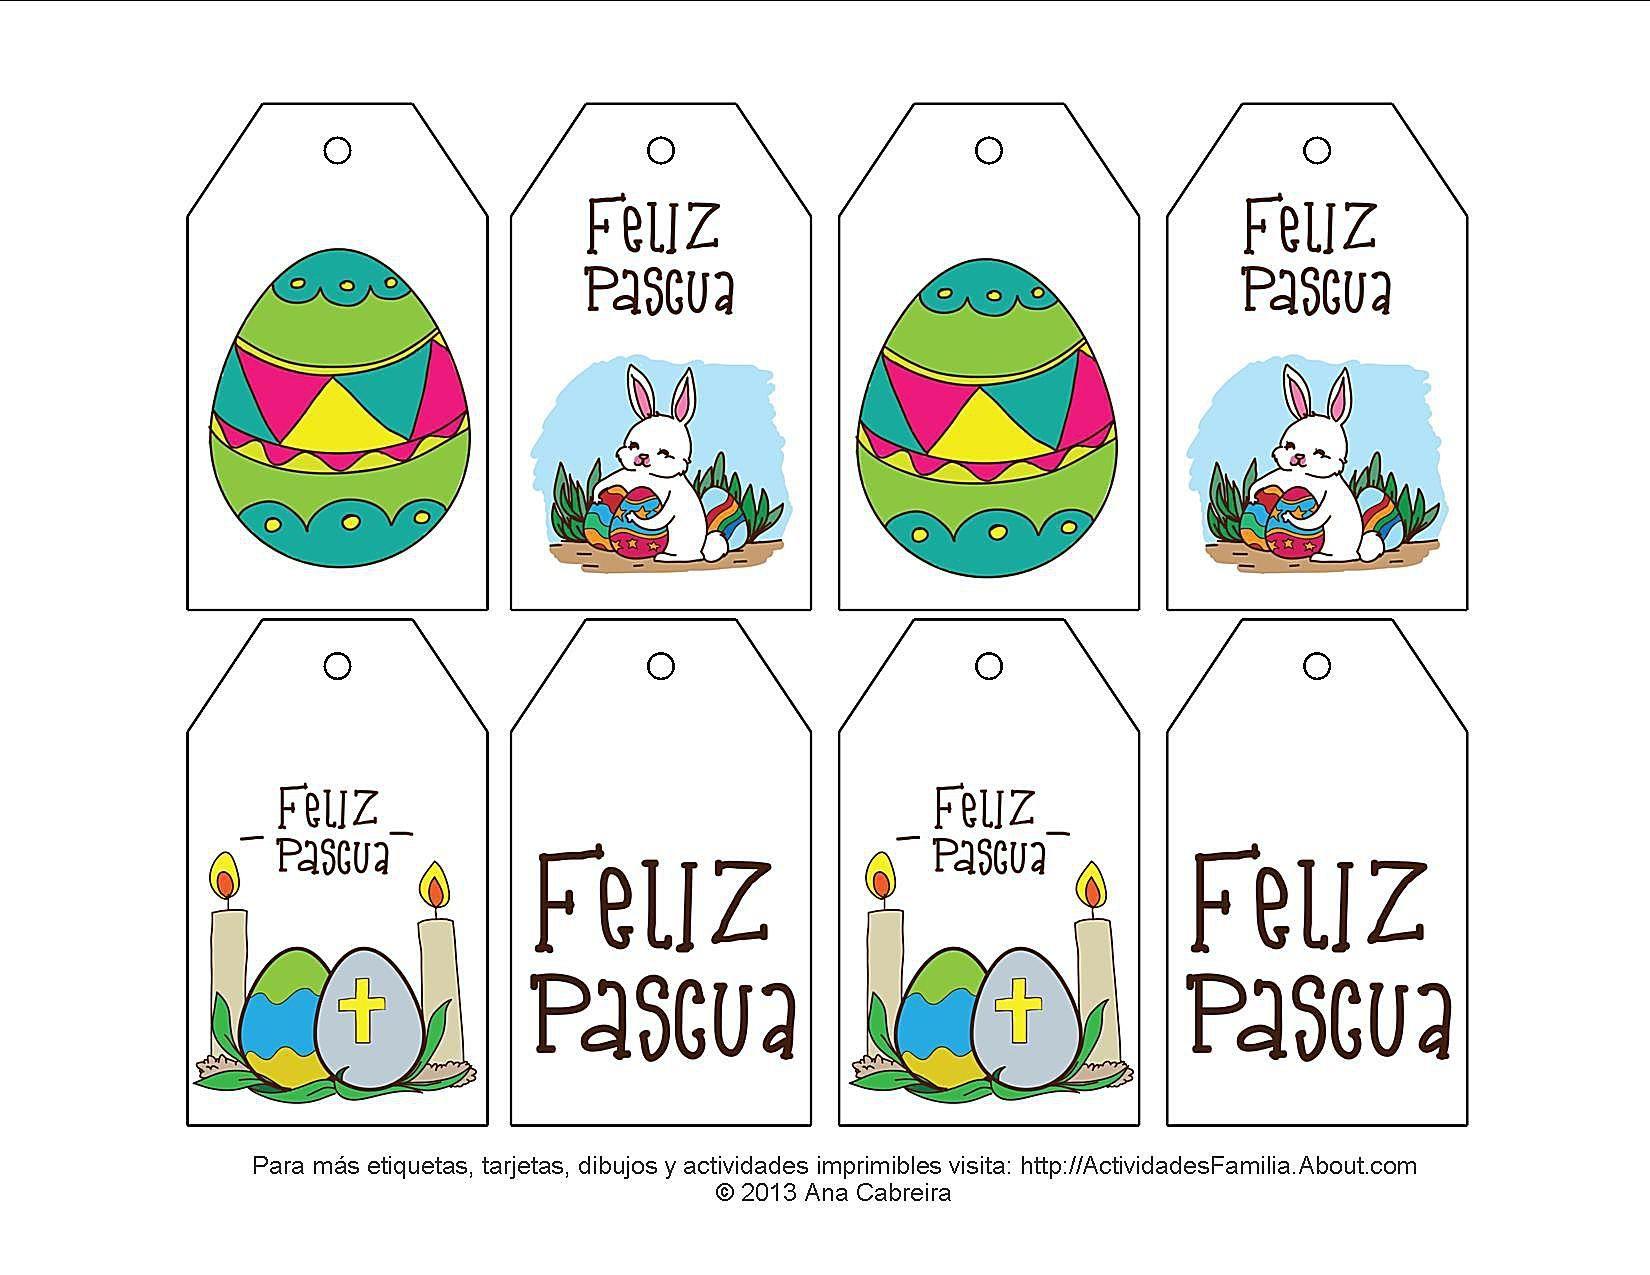 Etiquetas de pascua para imprimir y colorear. Adornan canastas de ...